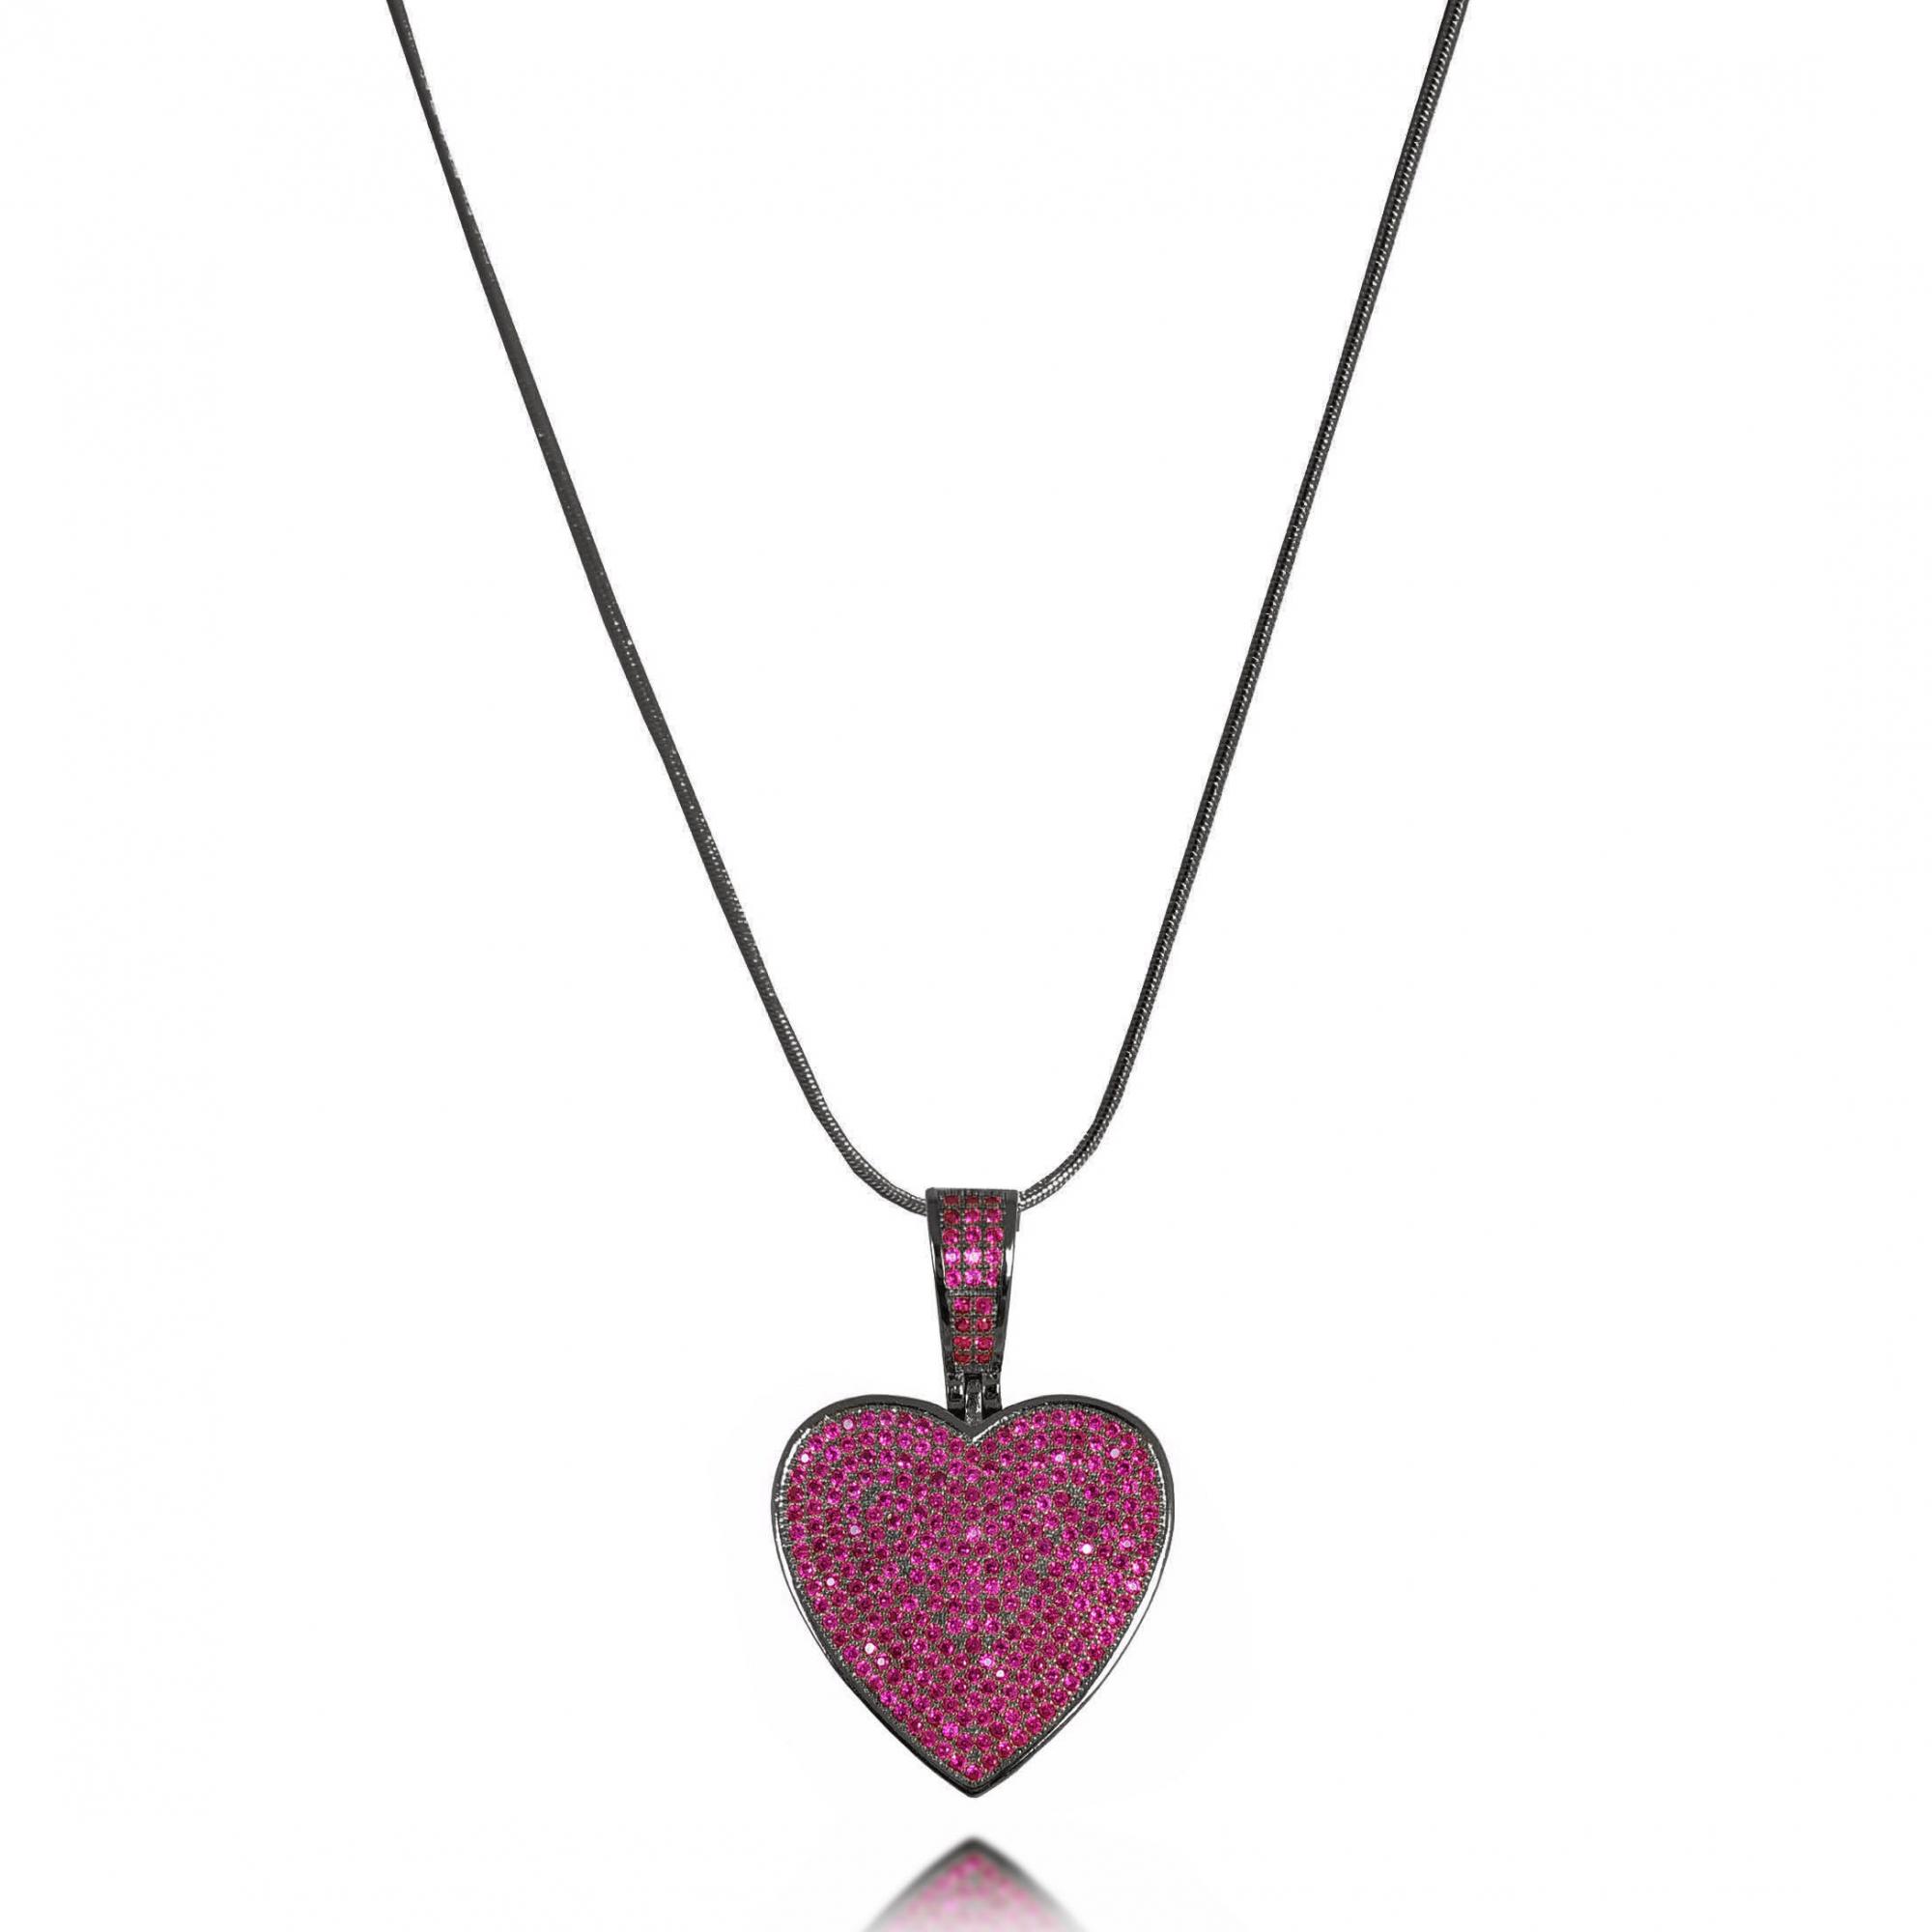 Colar 60cm Coração Luxo Cravejado Pink Banho a Ródio Negro  - Lunozê Joias